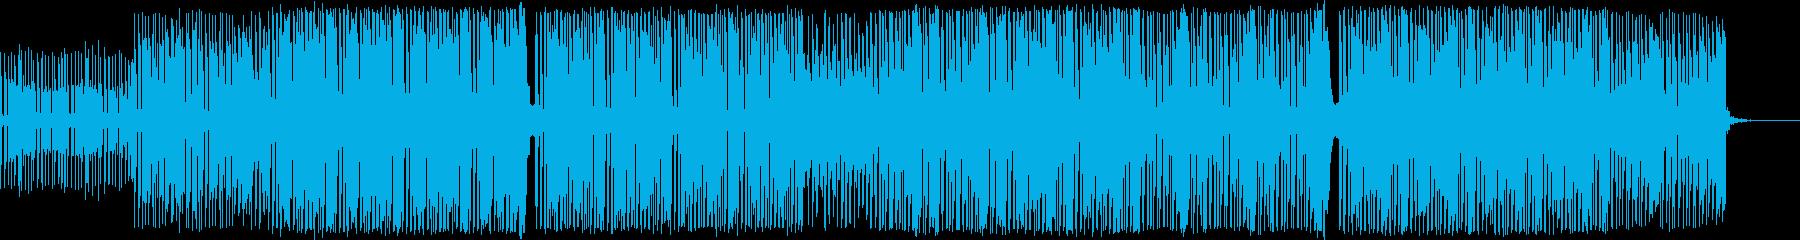 コミカルで明るいポップなBGMの再生済みの波形